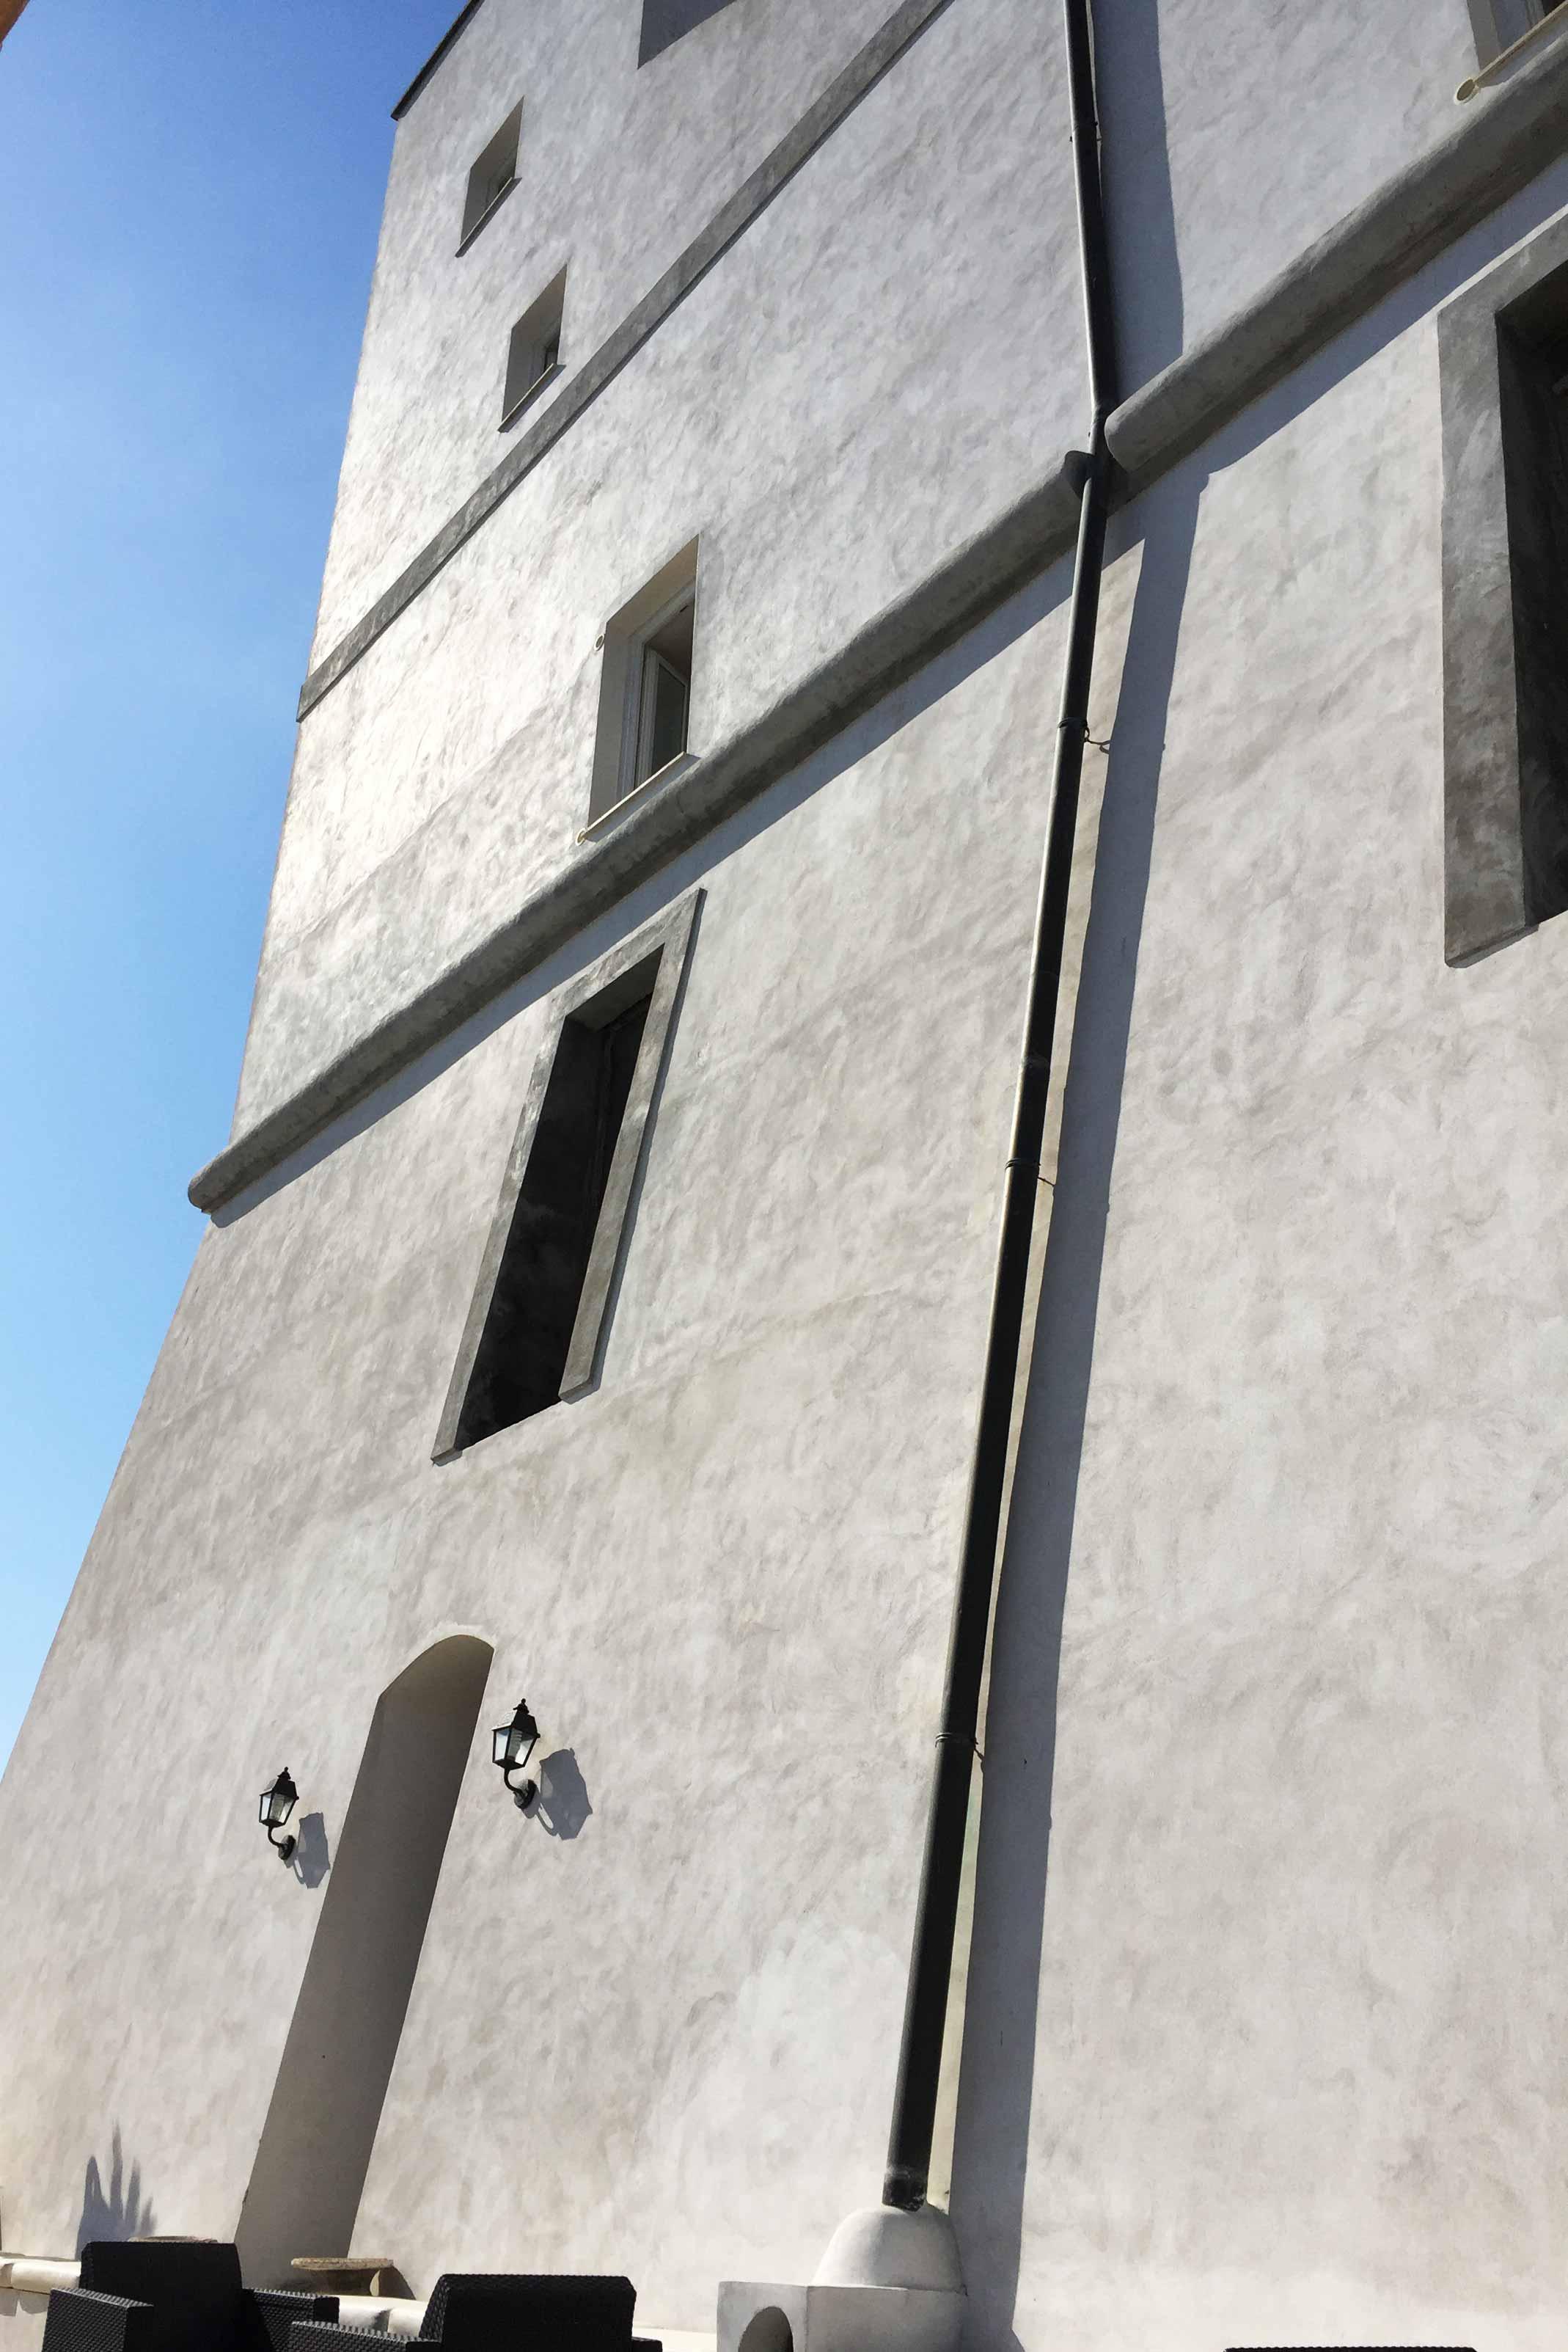 e6313bb2971b20 Uno degli hotel più belli dell'isola è Torre dei Borboni, una torre antica  a picco su mare con le stanze (130-160 €) che danno sul porto o sullo  Scoglio ...